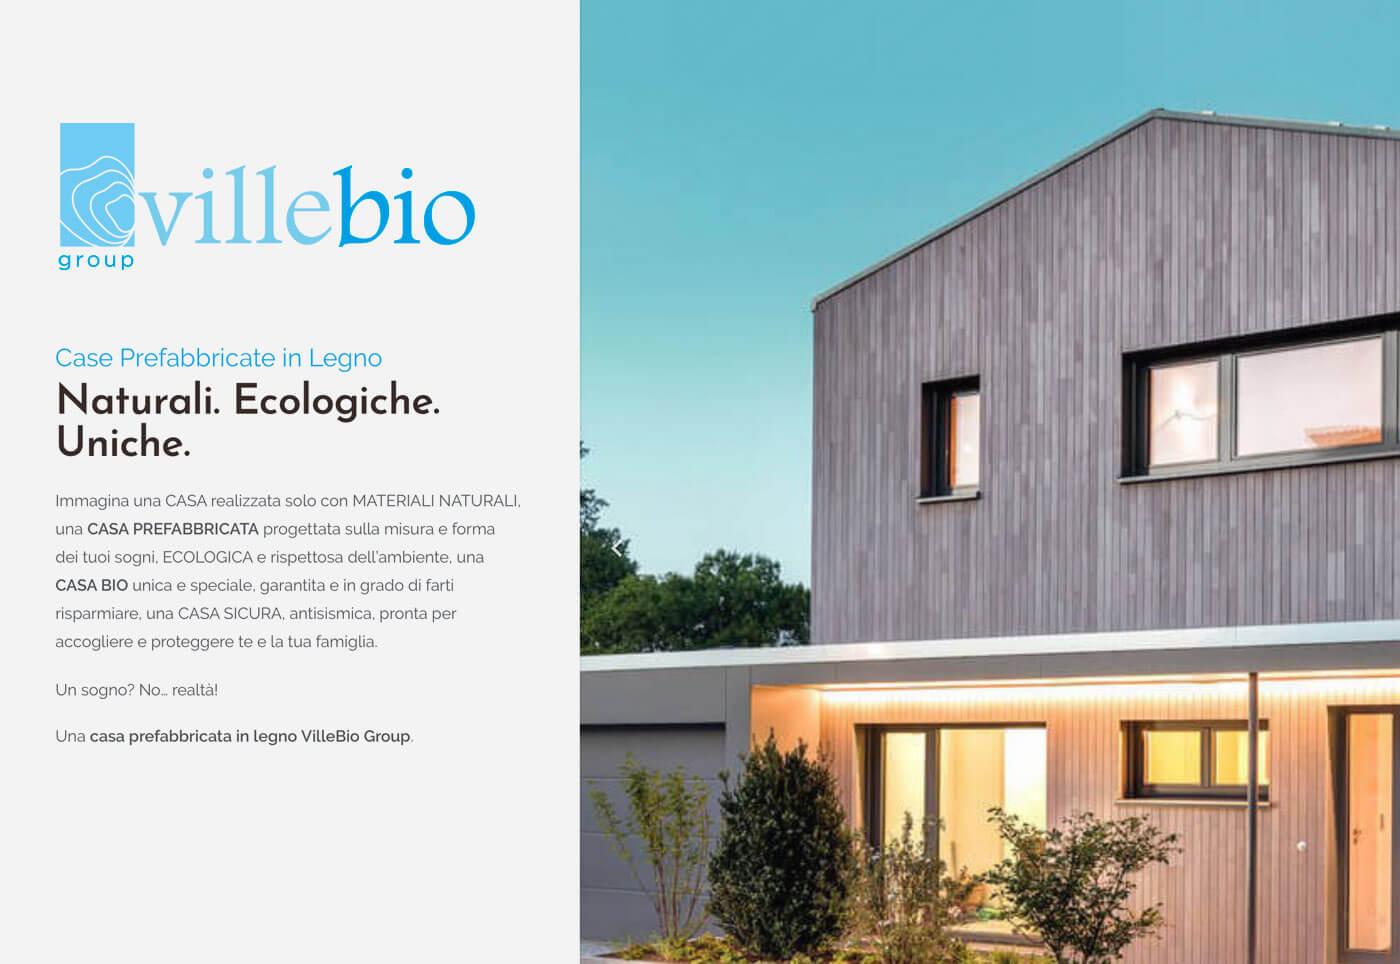 Sito internet con configuratore prezzi case prefabbricate in legno VilleBio